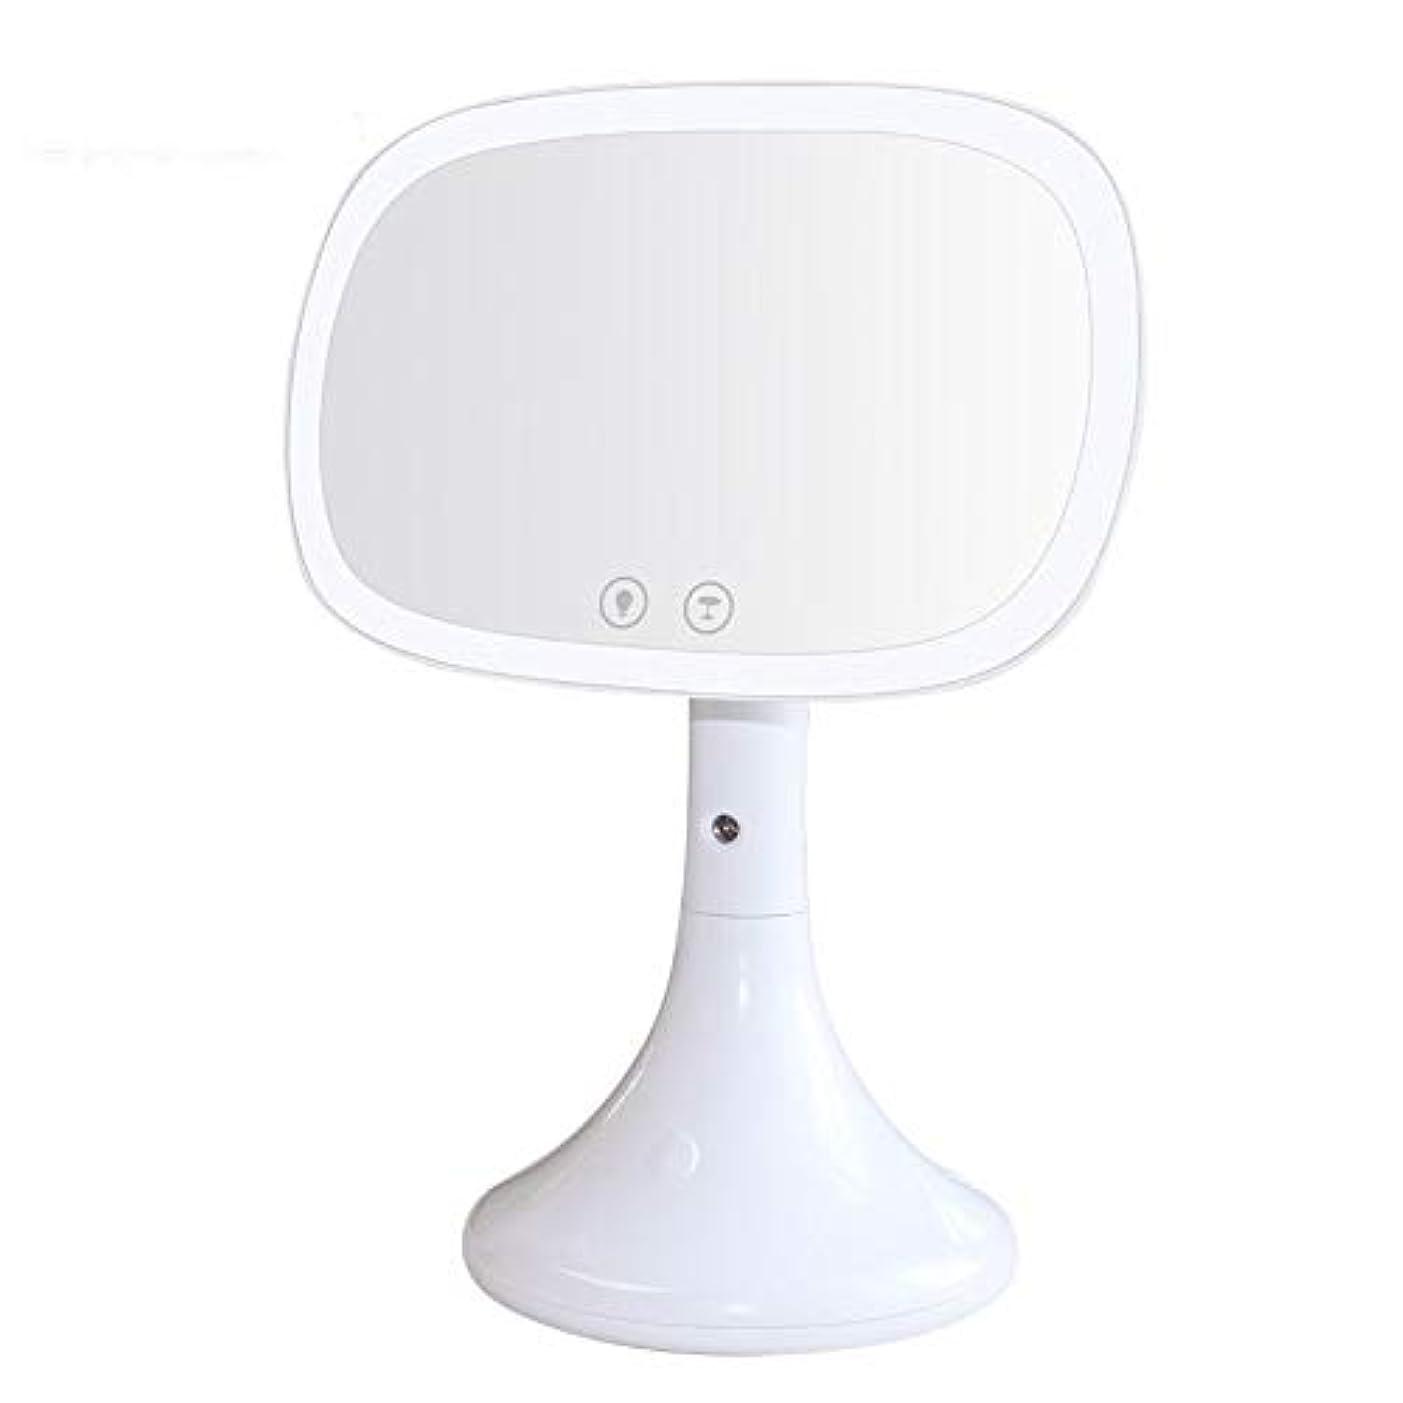 登山家モス地雷原流行の USBデスクトップ化粧鏡LED美容保湿化粧鏡水スプレーホワイトピンク (色 : White)